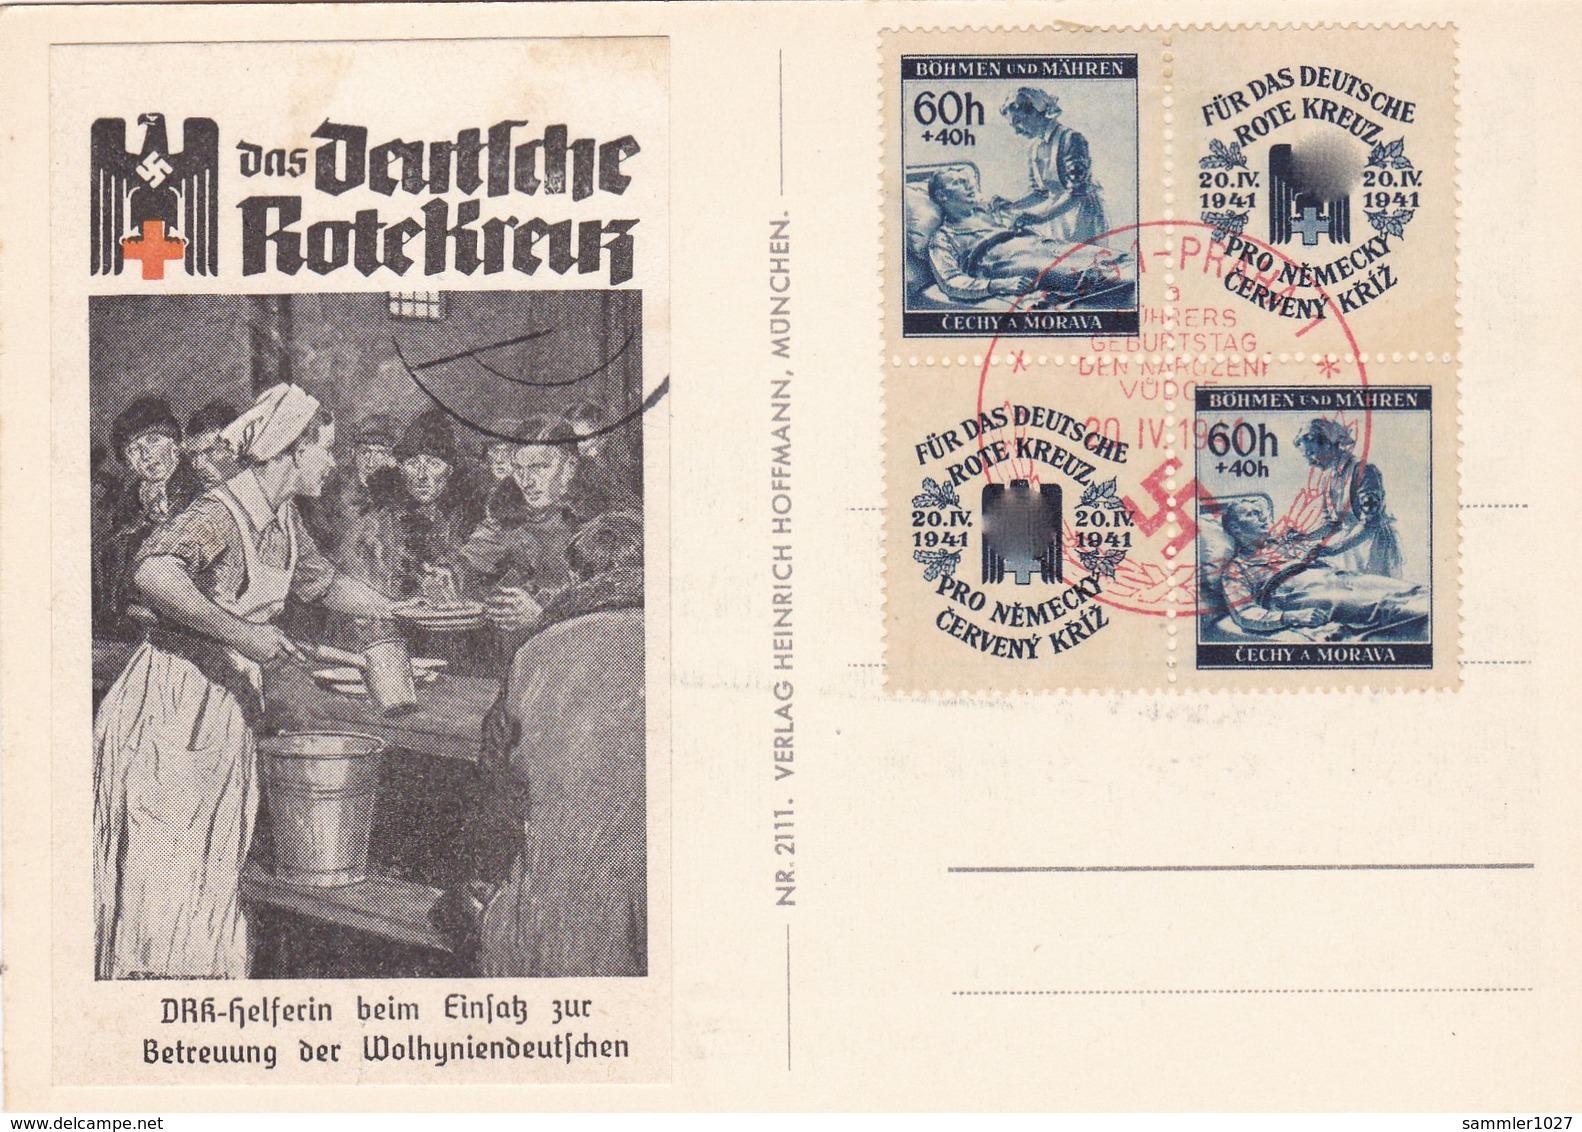 Böhmen Und Mähren Sammlerkarte Aus Prag 1941 - Covers & Documents